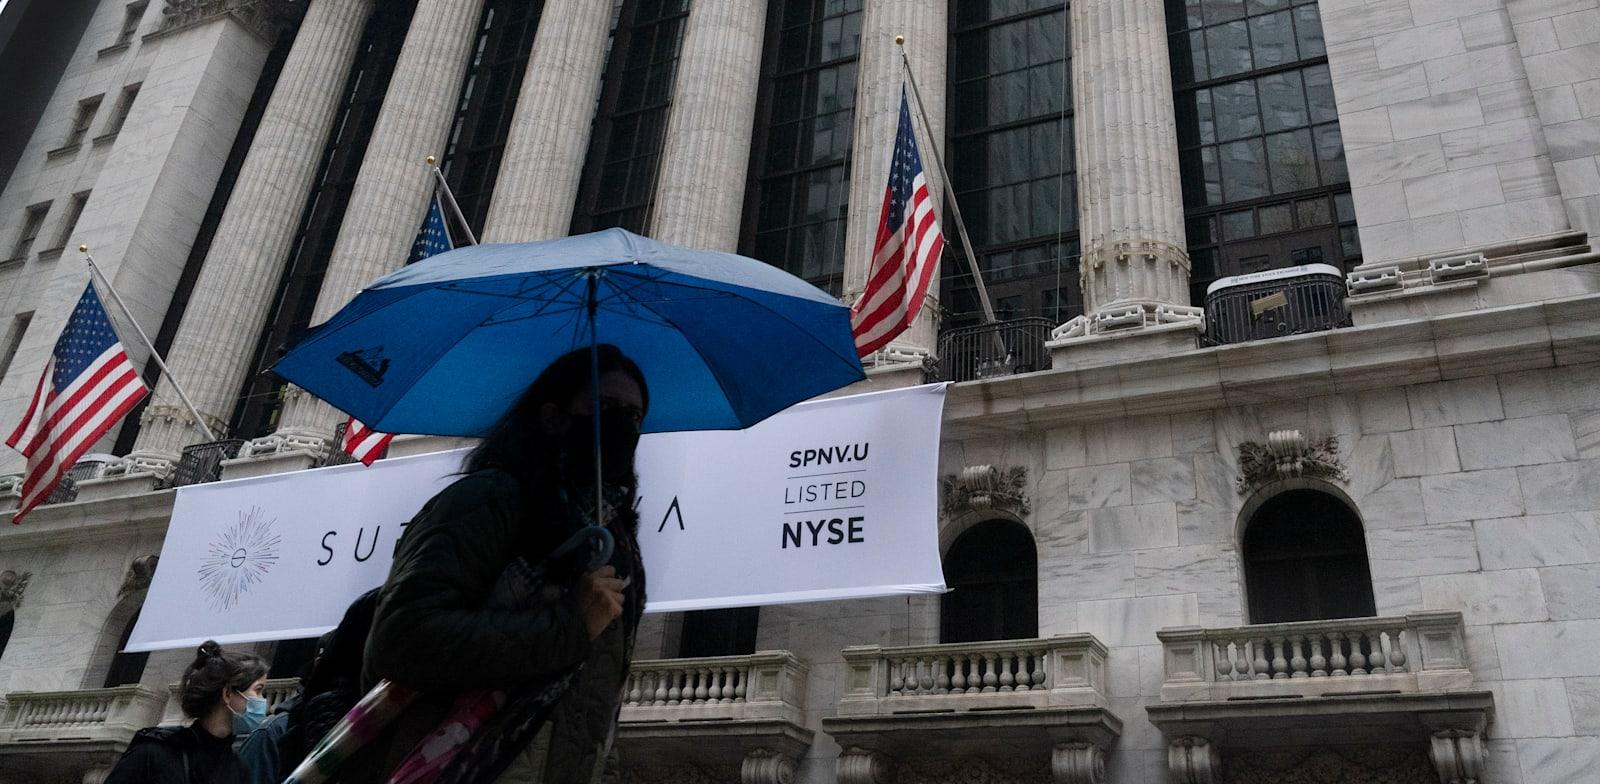 """בורסת ניו יורק. אי הוודאות בקשר לתמריצים בארה""""ב עלולה לא להתבהר במהירות / צילום: Associated Press, Mark Lennihan"""